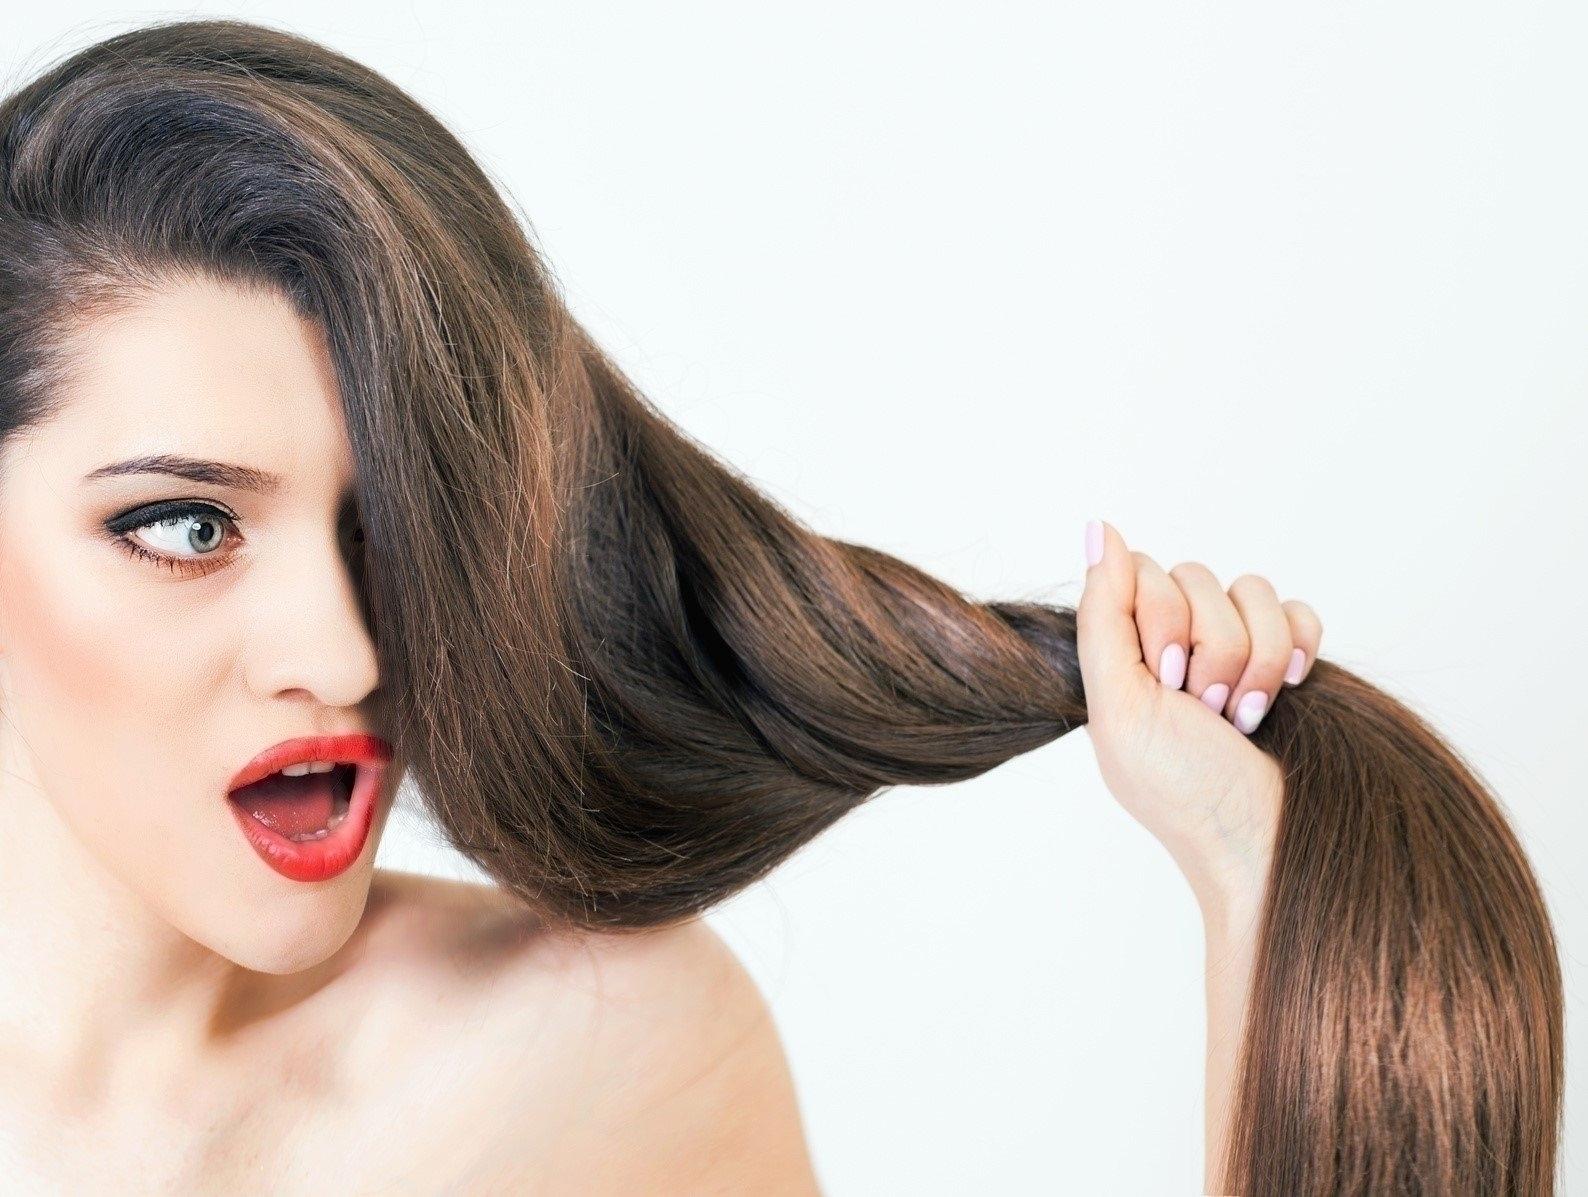 Hair Transplant Dubai, Uae Aver - hairtransplantindubai | ello